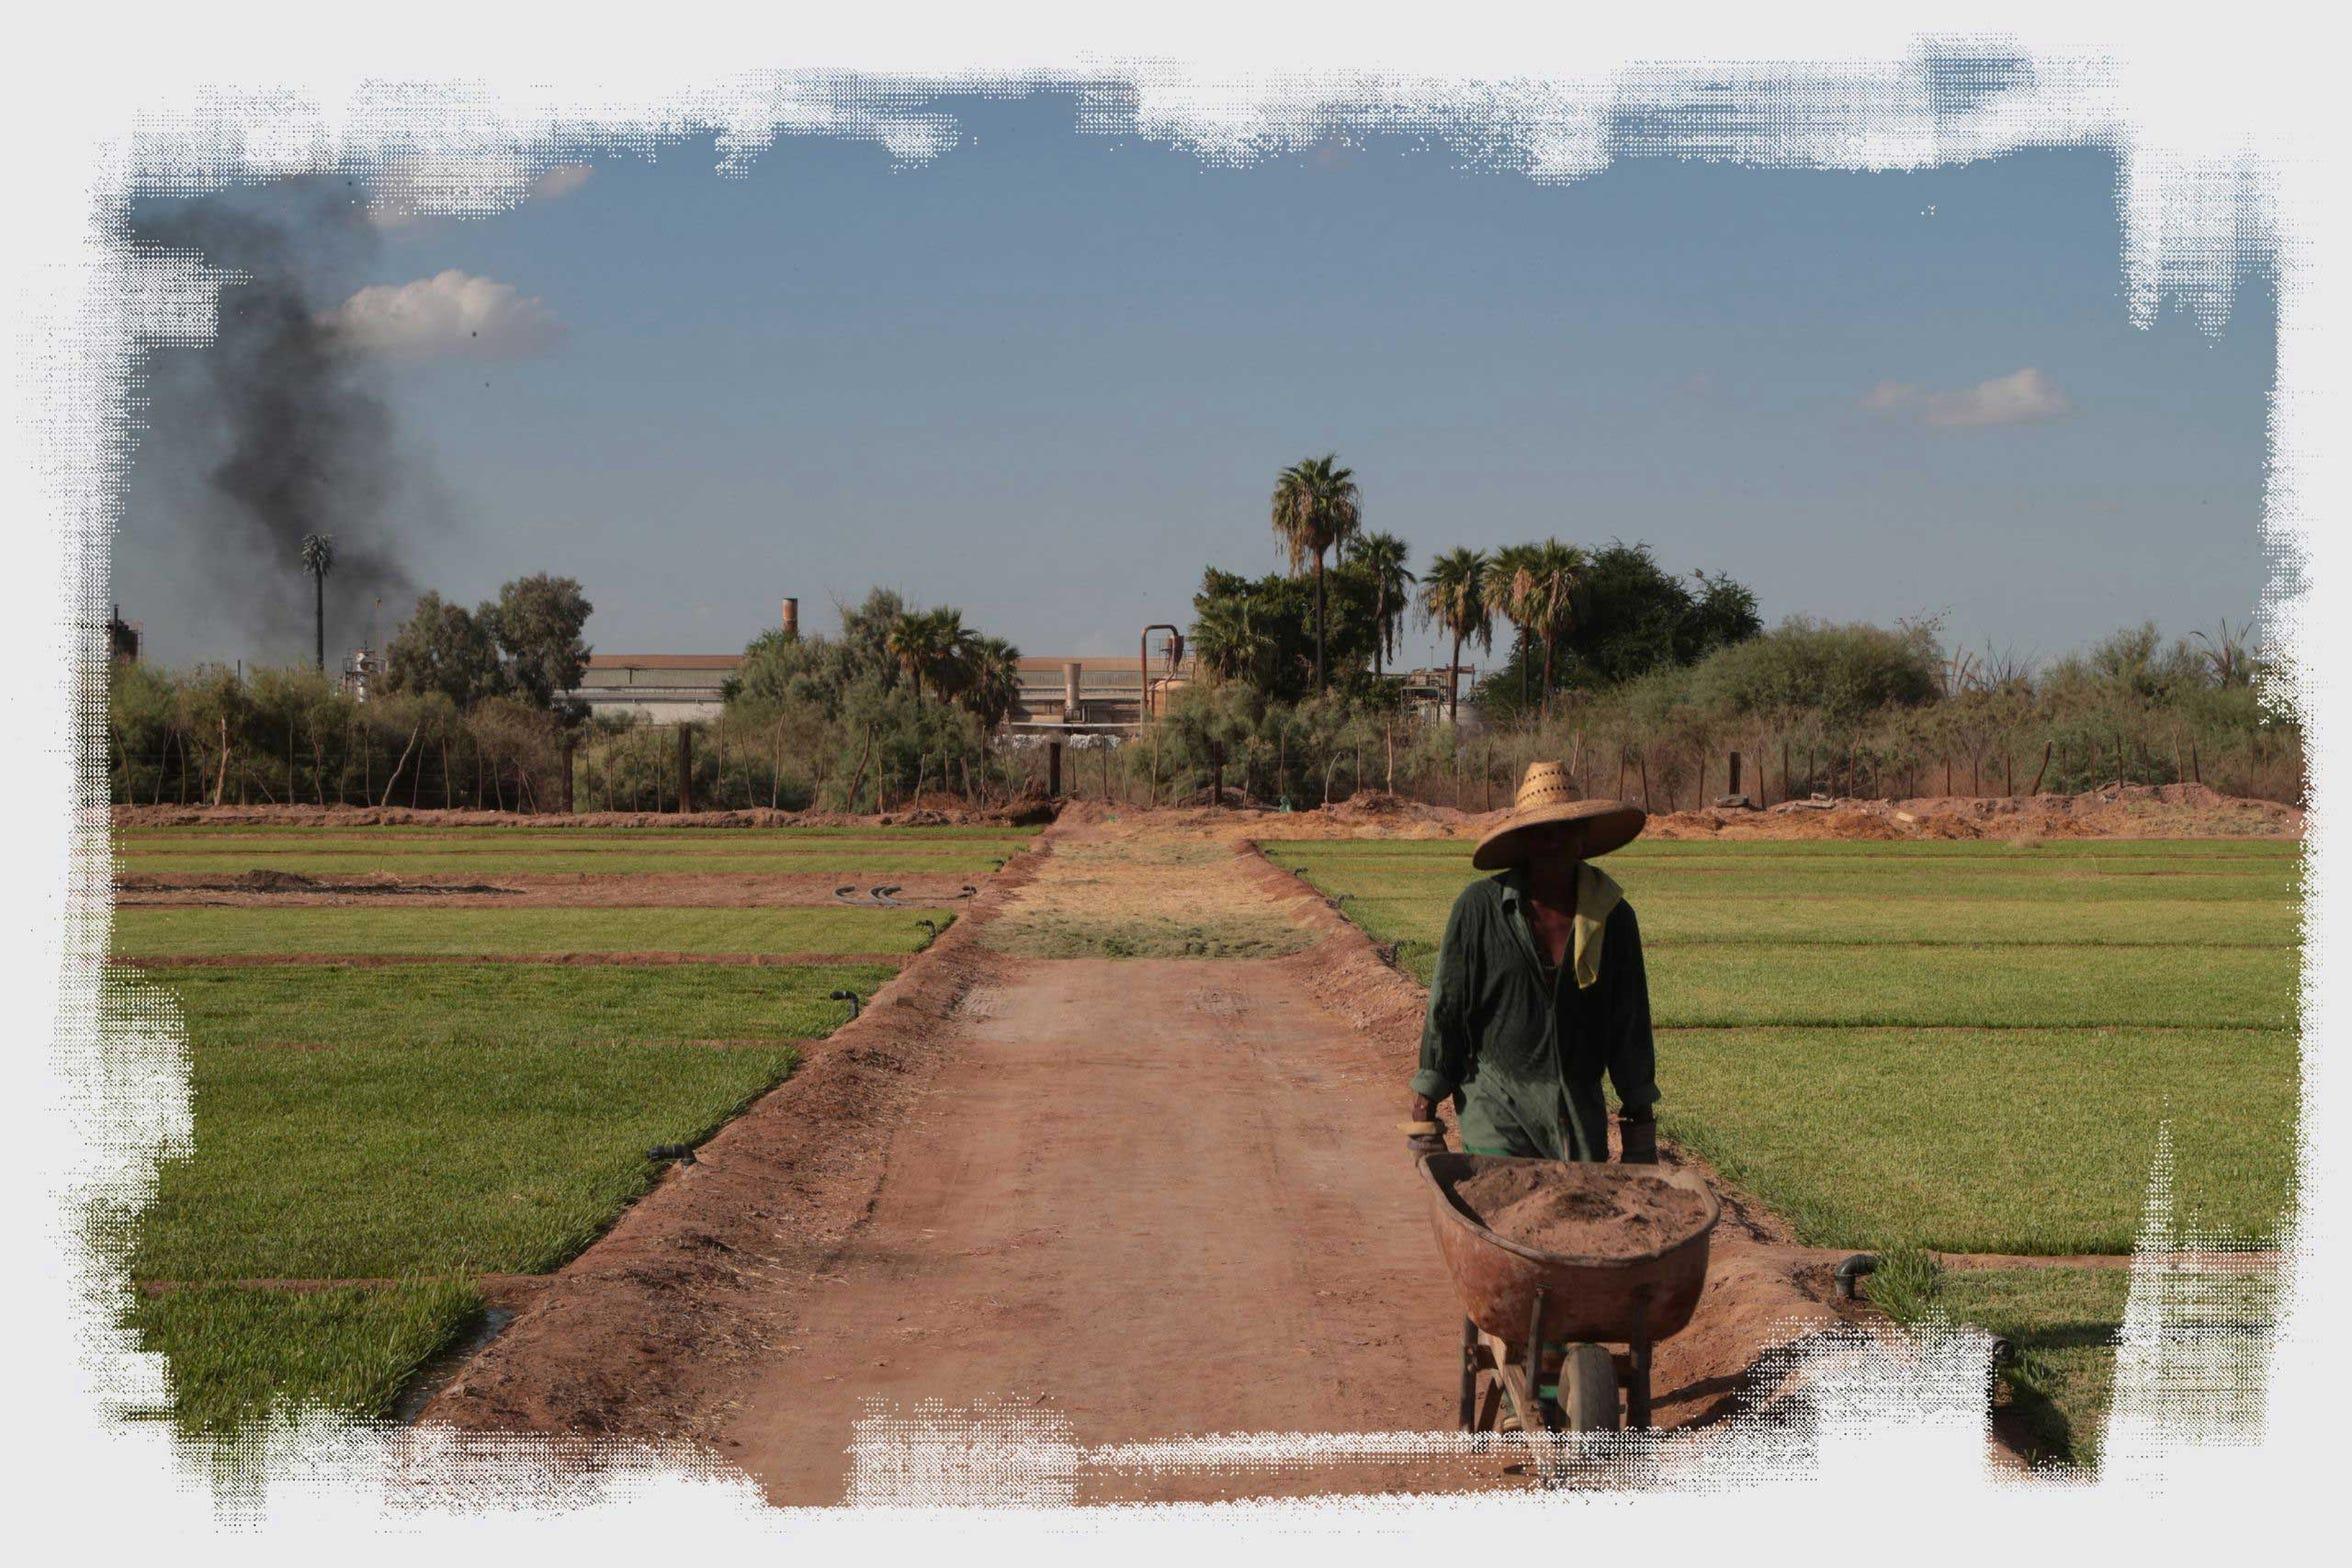 José García Núñez trabaja en su granja familiar en la que elabora bloques de césped, ubicada a un costado de la fábrica Industrias Zahori en Mexicali, México, el 20 de septiembre del 2018.